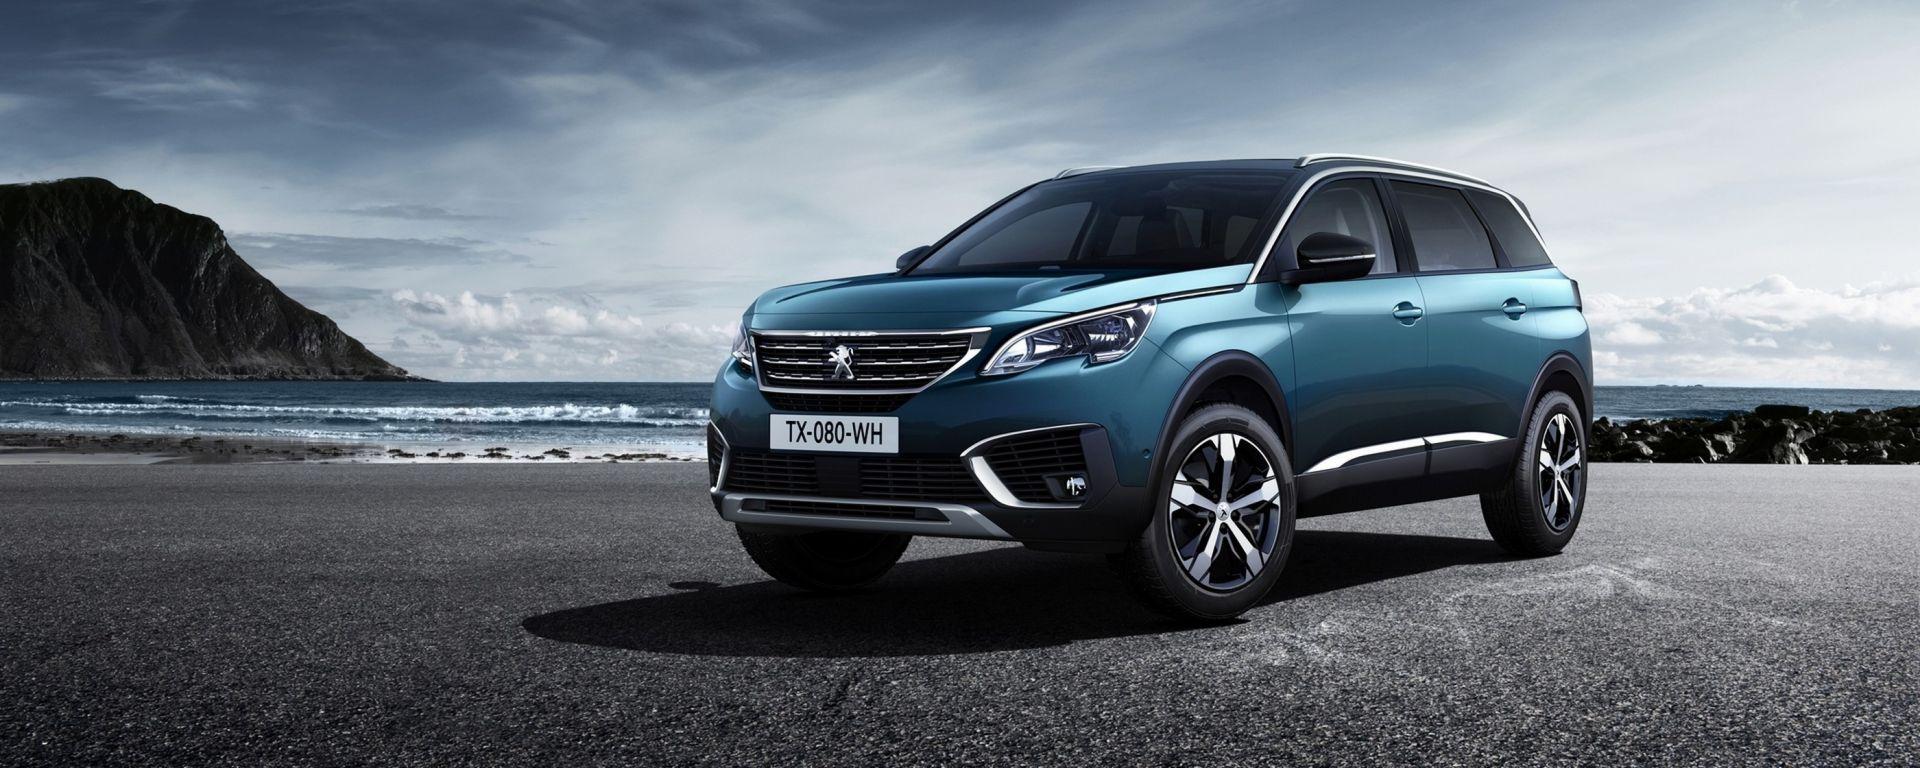 Peugeot 5008: la monovolume del Leone si trasforma in una suv 7 posti